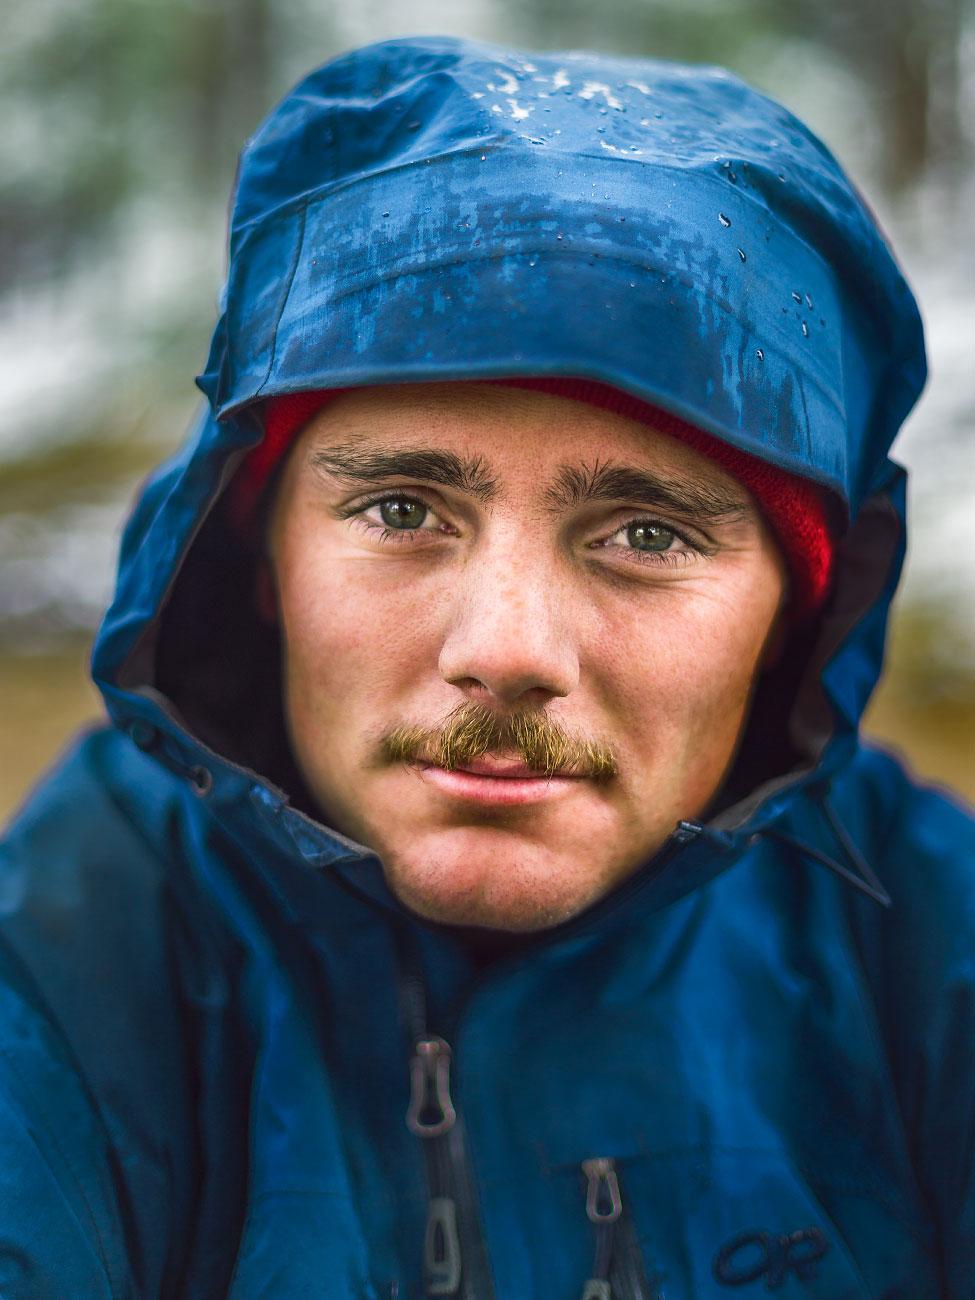 Peter Bergene rainy portrait Philmont Scout Ranch Cimarron New Mexico